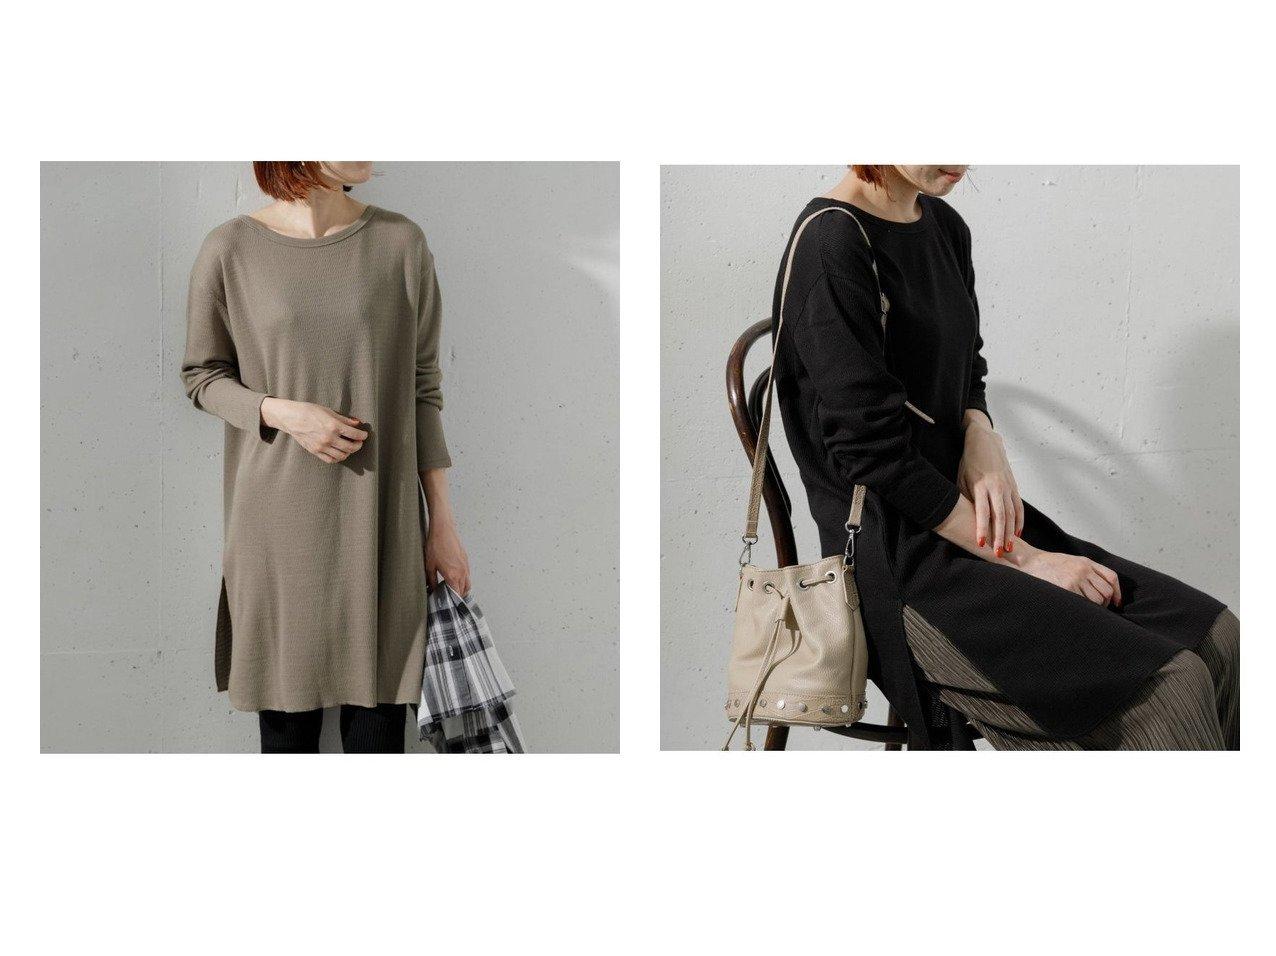 【Sonny Label / URBAN RESEARCH/サニーレーベル】のULTRA THERMOハニカムロングTシャツ トップス・カットソーのおすすめ!人気、トレンド・レディースファッションの通販 おすすめで人気の流行・トレンド、ファッションの通販商品 メンズファッション・キッズファッション・インテリア・家具・レディースファッション・服の通販 founy(ファニー) https://founy.com/ ファッション Fashion レディースファッション WOMEN トップス Tops Tshirt シャツ/ブラウス Shirts Blouses ロング / Tシャツ T-Shirts カットソー Cut and Sewn カットソー |ID:crp329100000012585